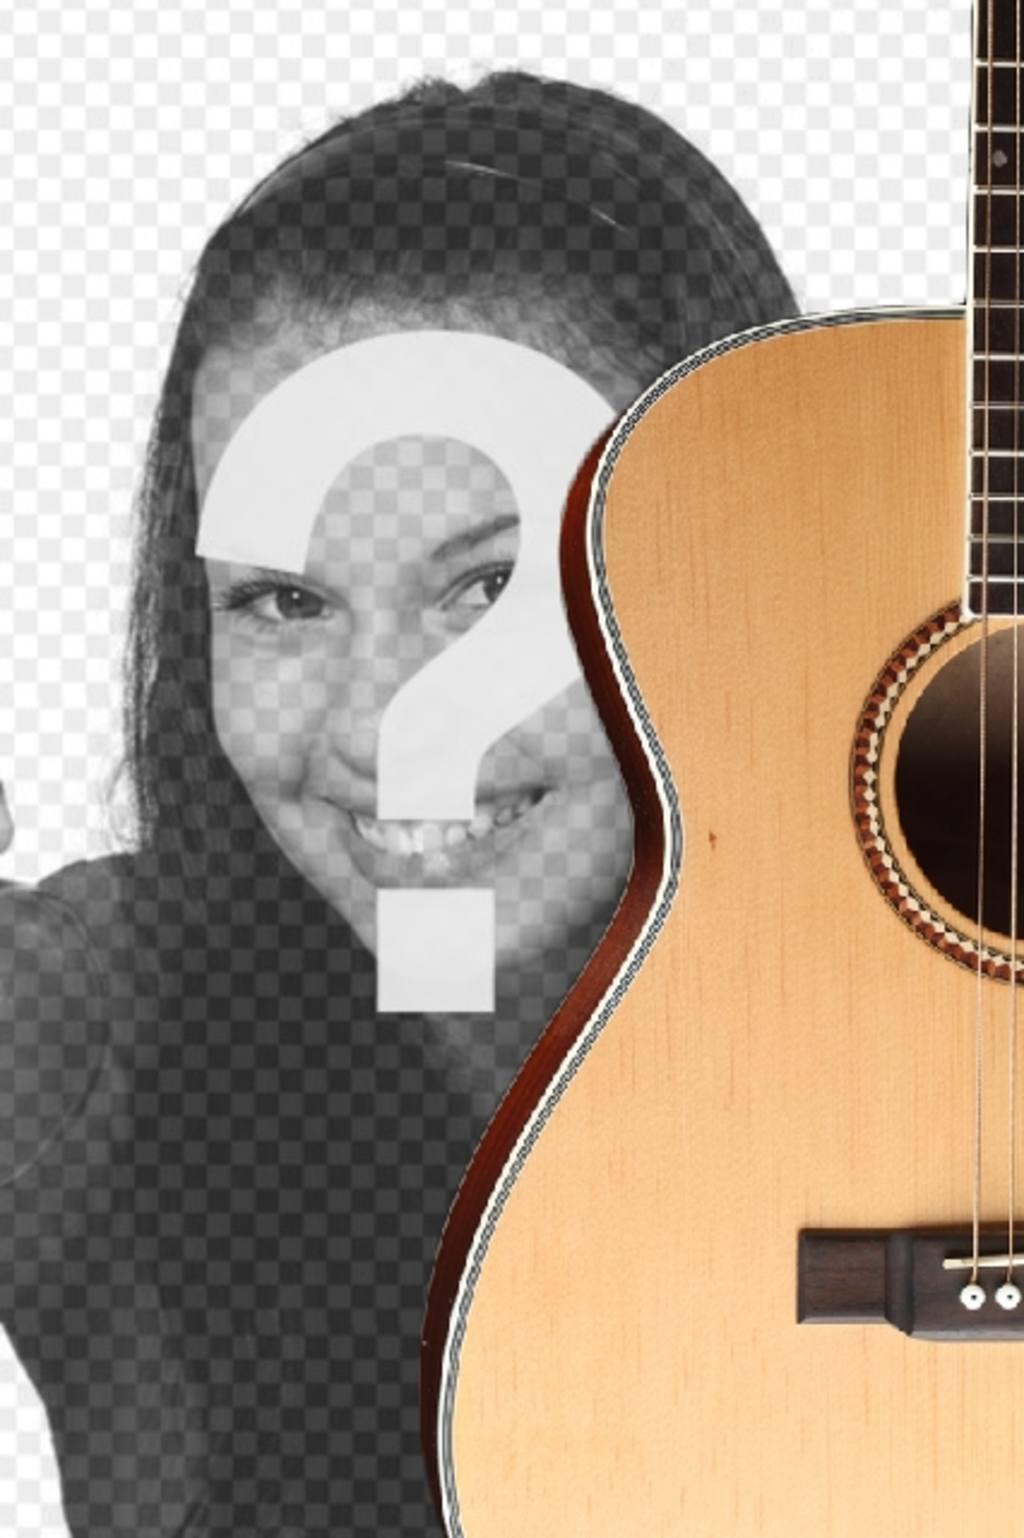 Fotomontage zu setzen eine spanische Gitarre in einem Foto und Text hinzufügen online